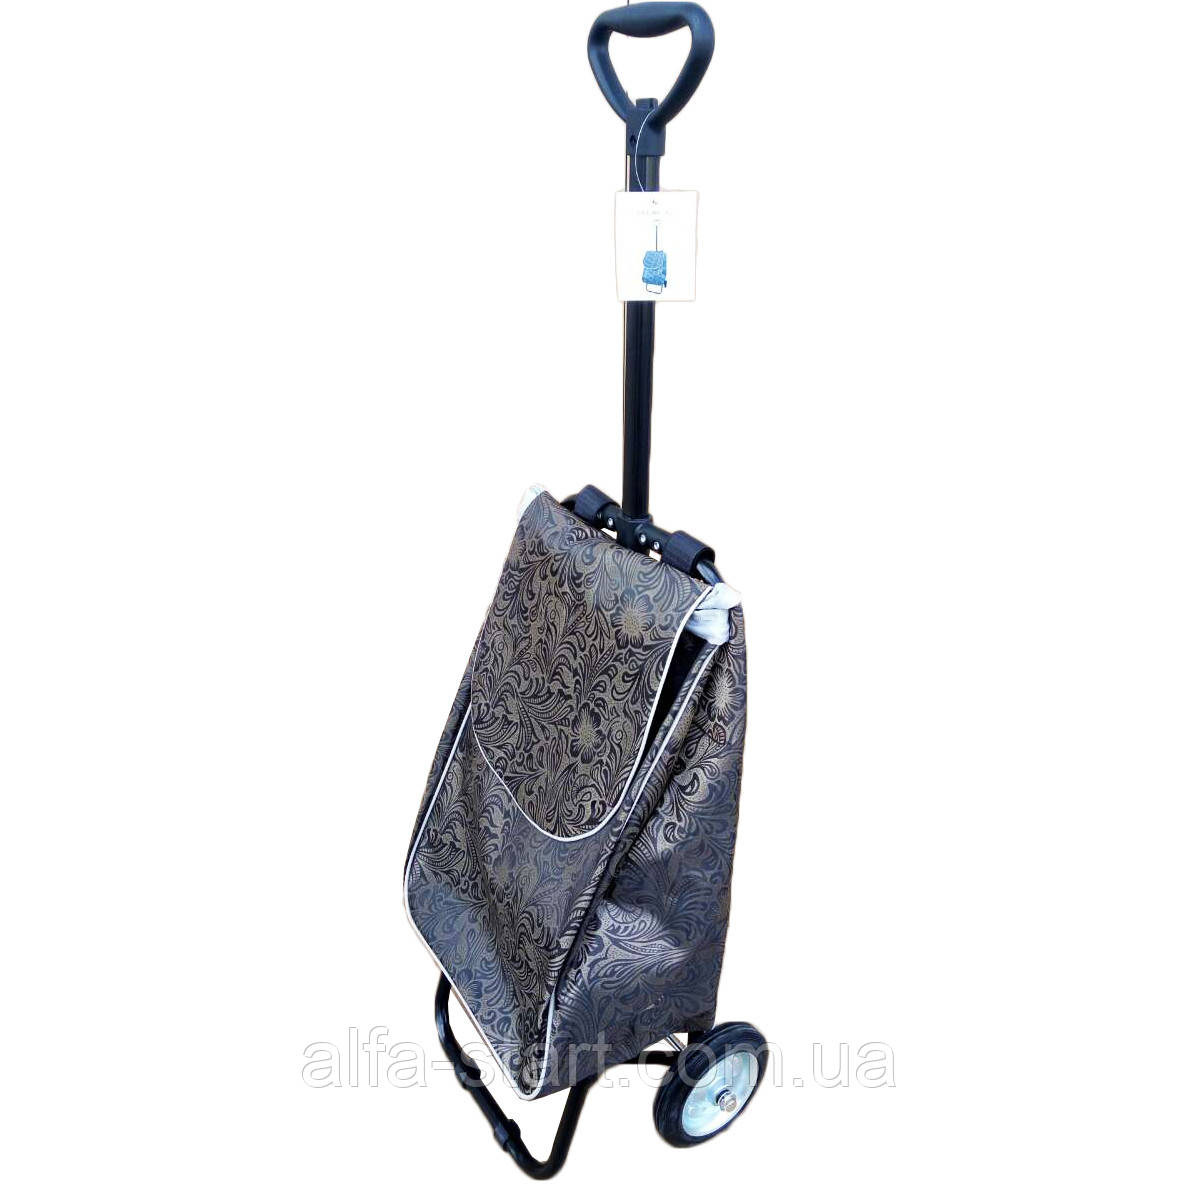 b6956ba78903 Цветная хозяйственная водонепроницаемая сумка тележка на колесах с  выдвижной ручкой -